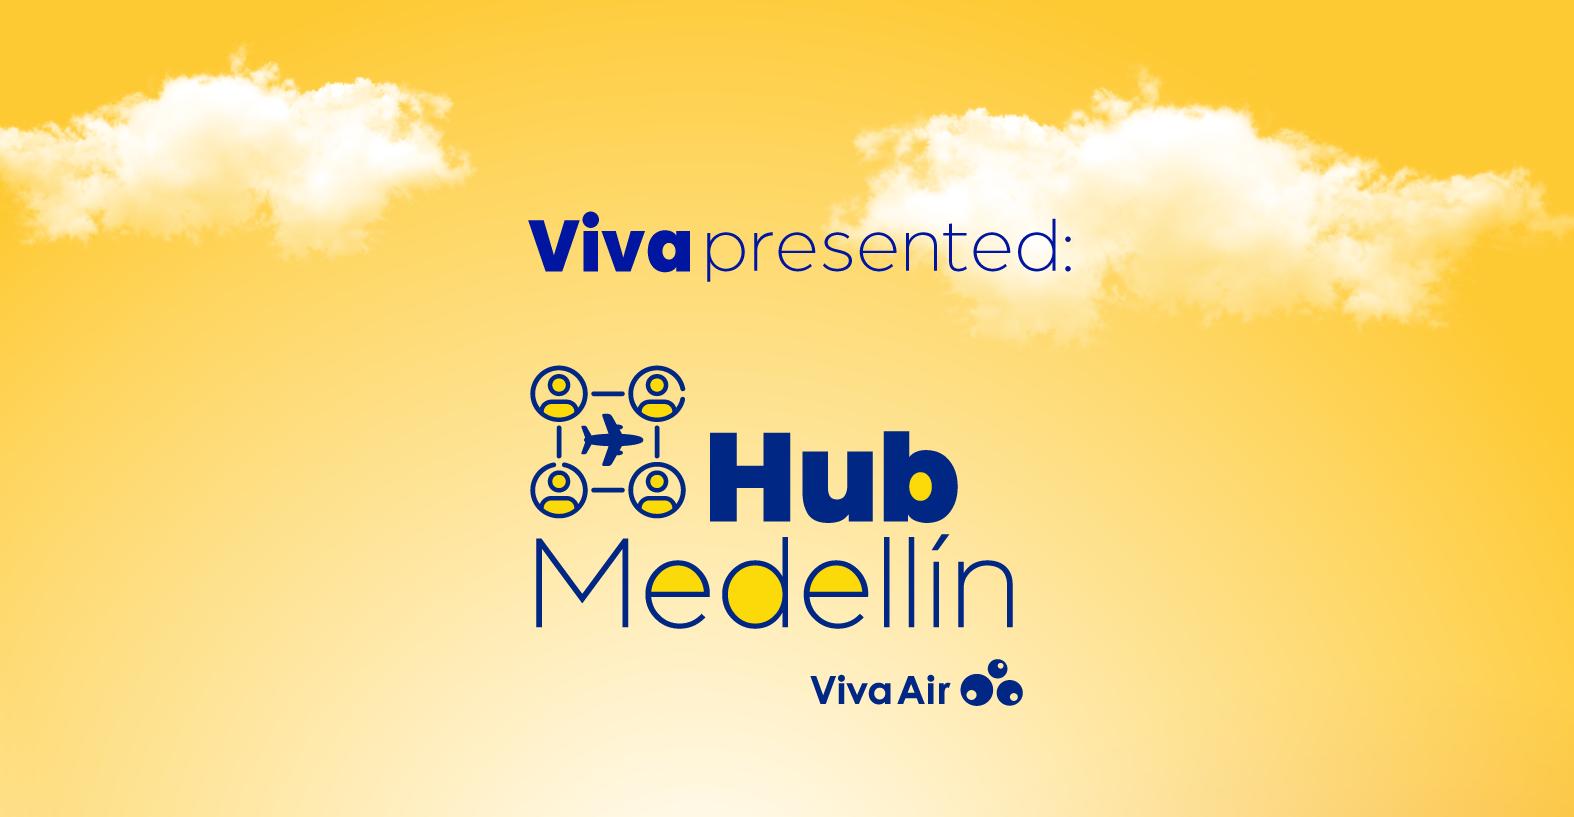 Hub Medellín Viva Air